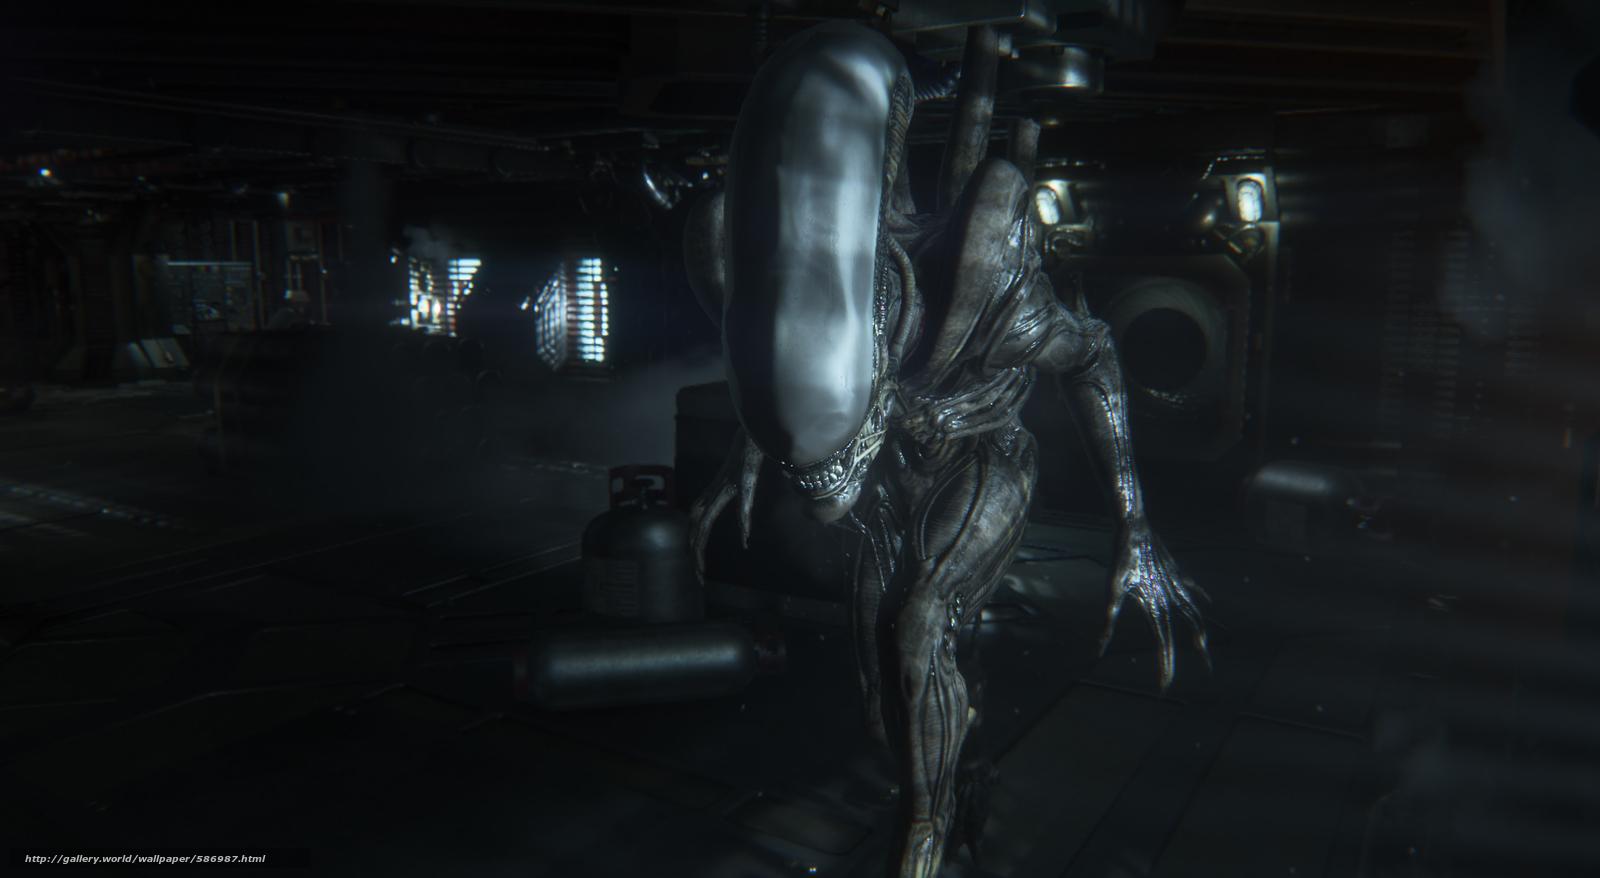 pobra tapety Alien,  Obcy: Izolacja,  gry Darmowe tapety na pulpit rozdzielczoci 1920x1054 — zdjcie №586987